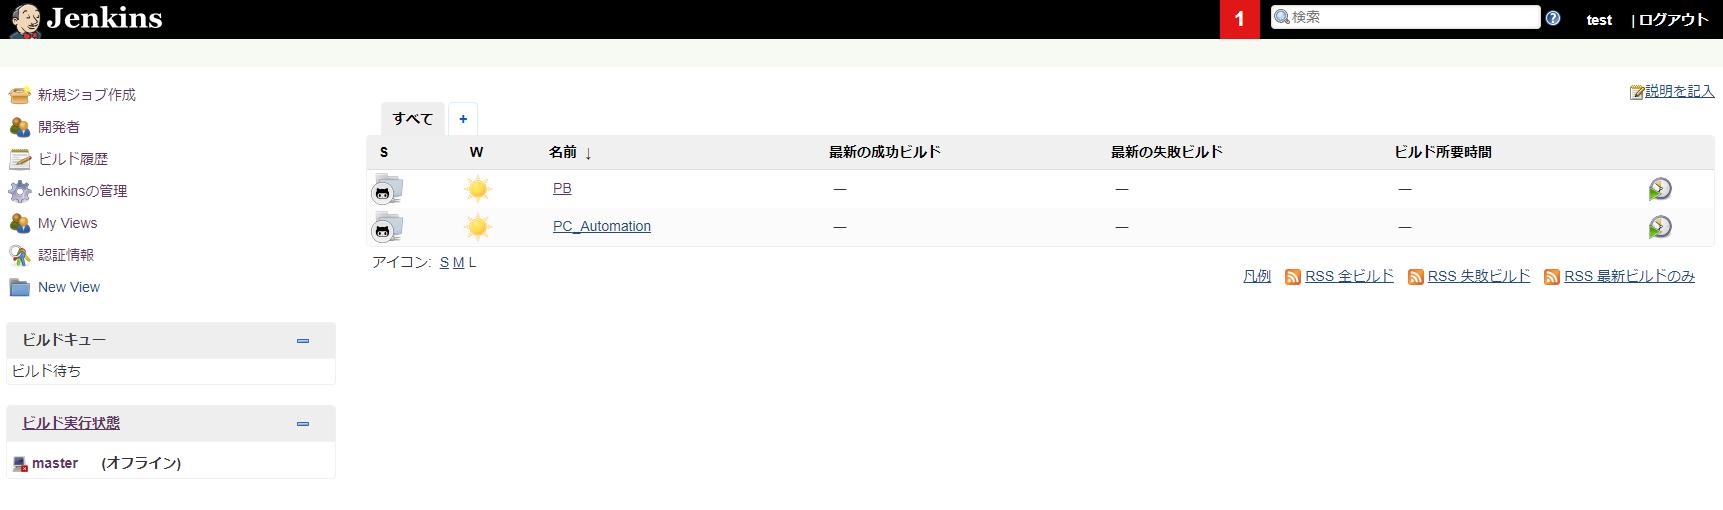 FireShot Capture 121 - ダッシュボード [Jenkins] - http___192.168.33.10_8080_.png